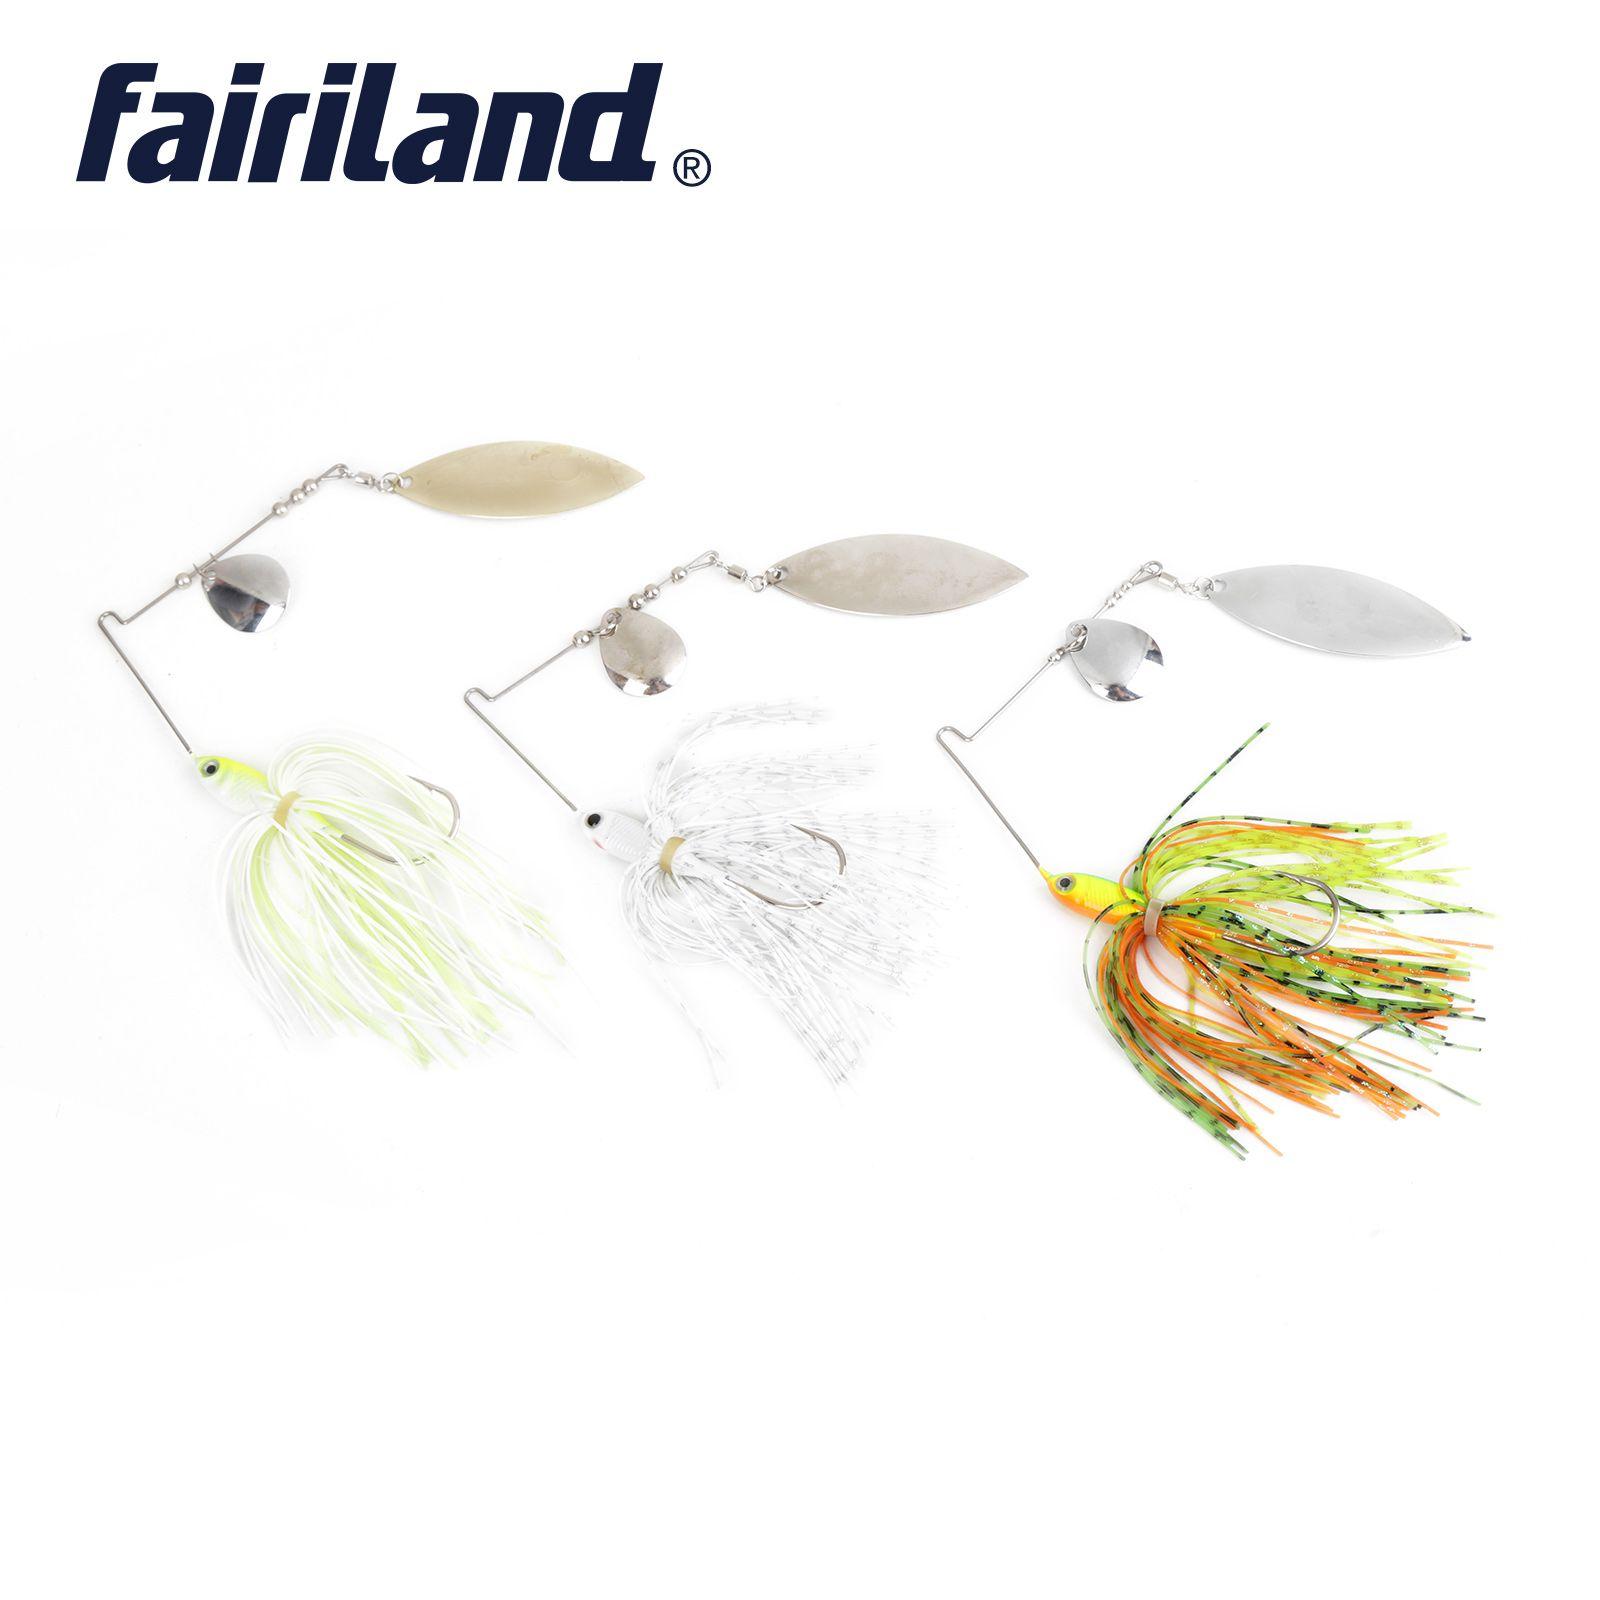 6 unids Spinnerbait Bass Fishing Lure Cabeza de ojo de plomo 3D Buzzbait Blade falda Cuchara de metal Spinner cebos 18 g samlon Carp ganchos de pesca